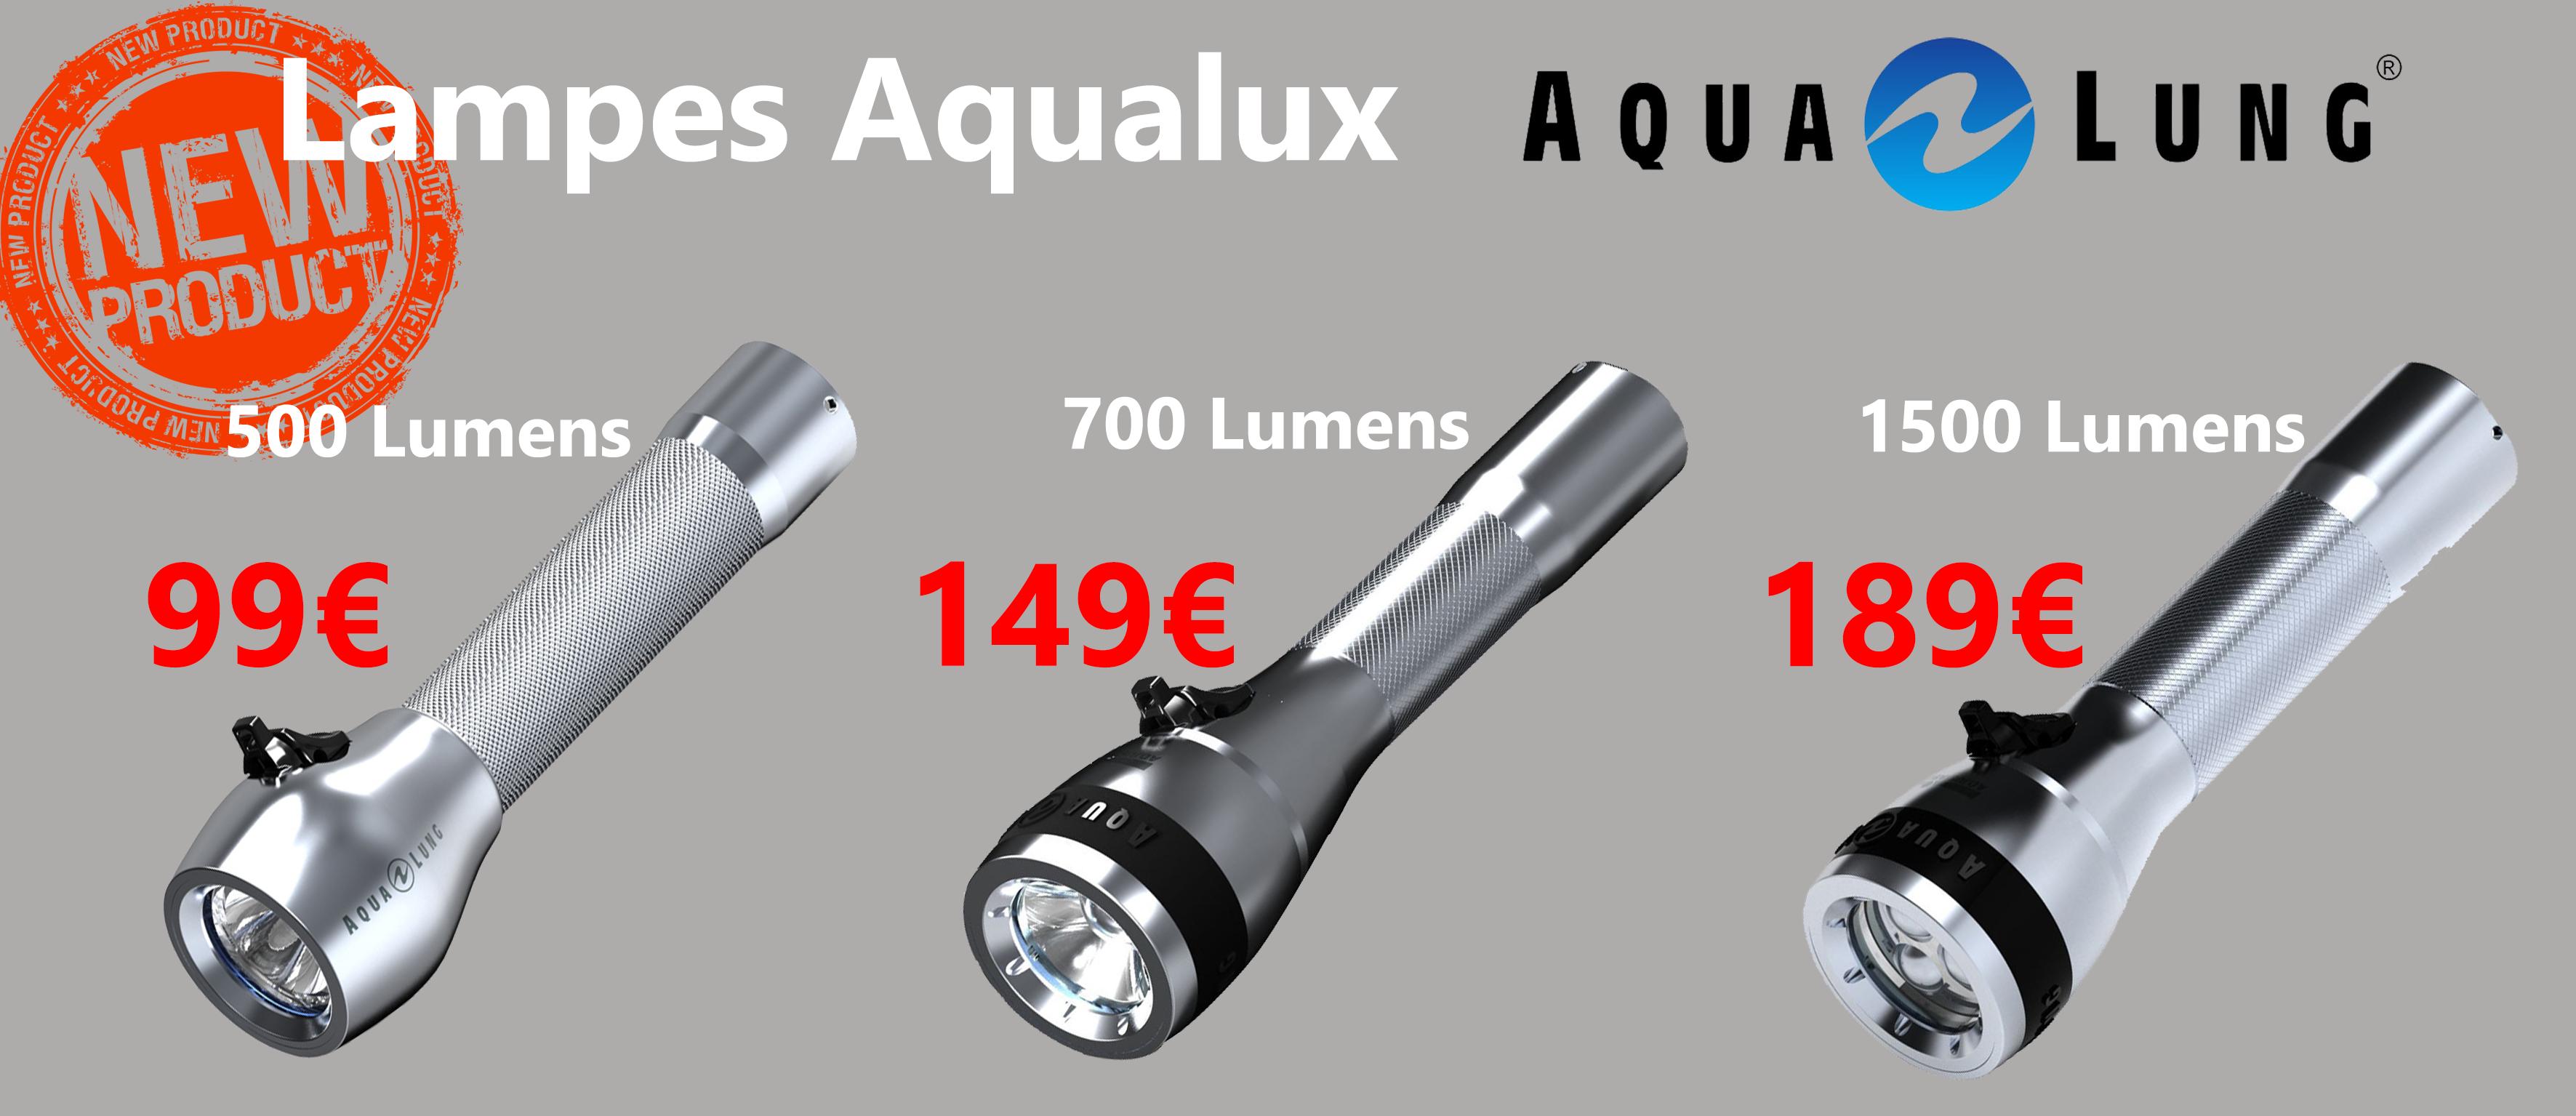 Lampes Aqualux